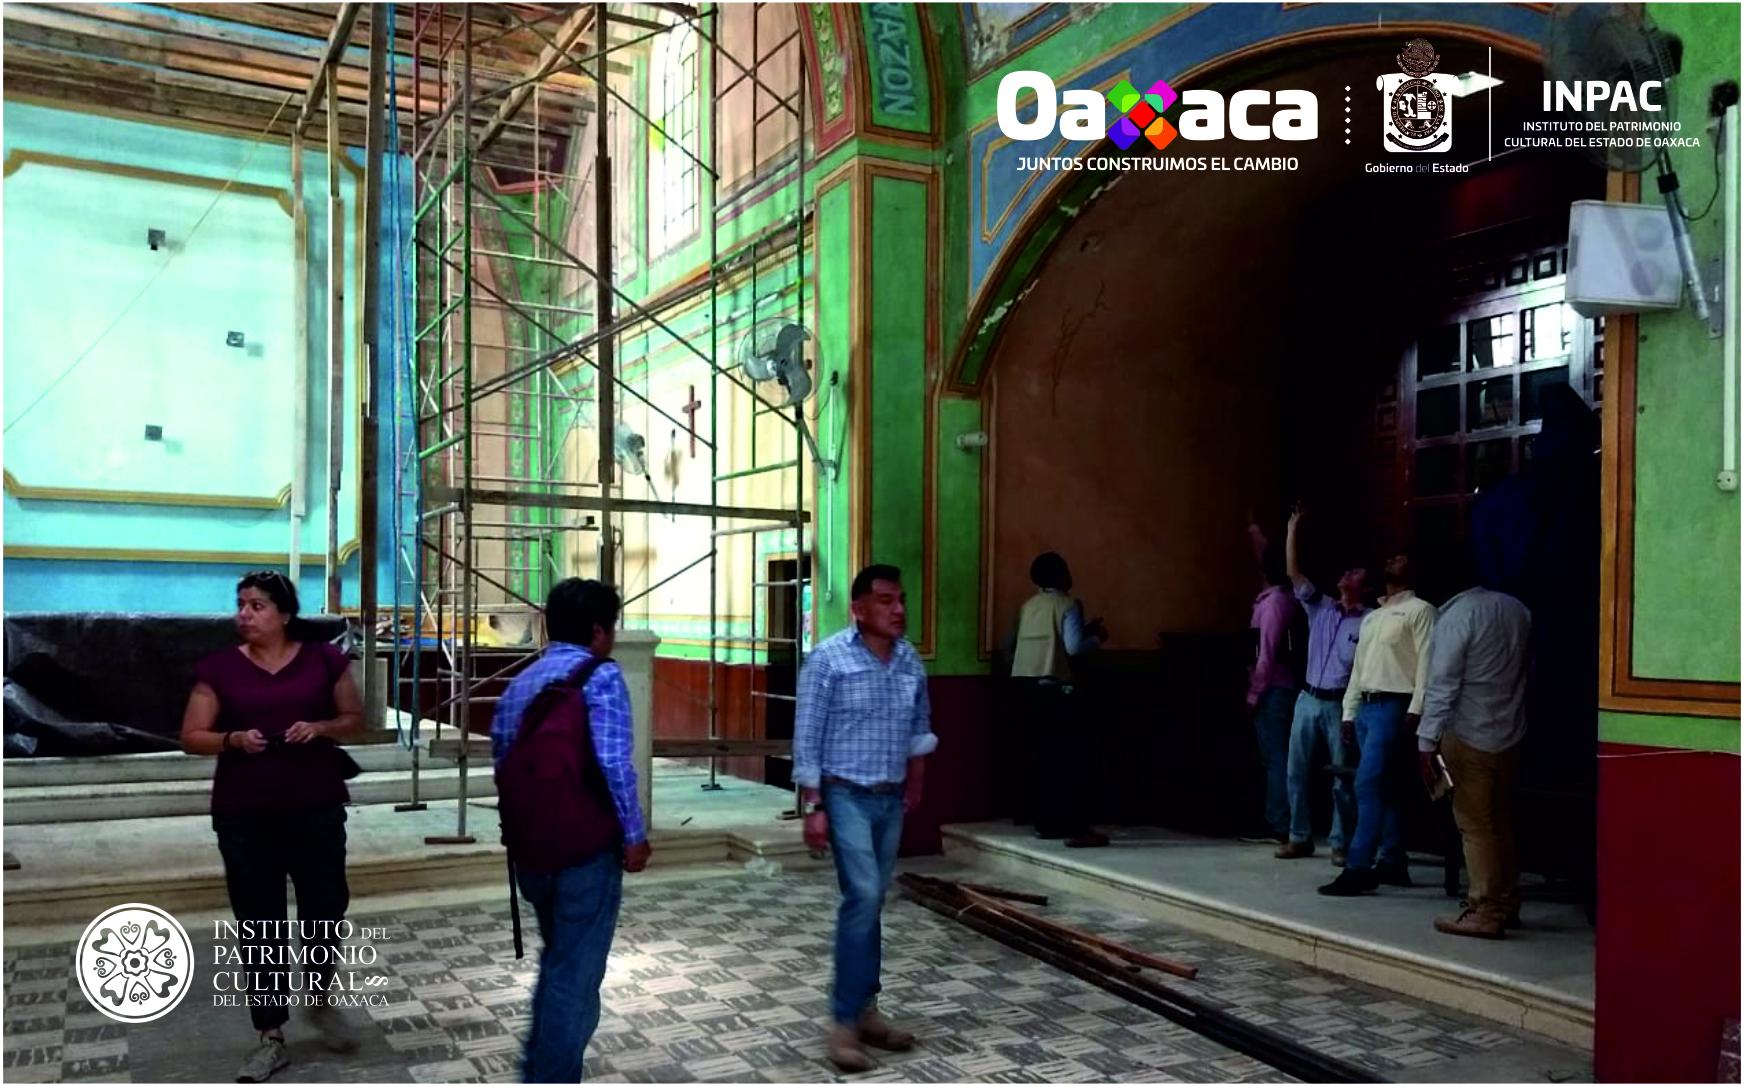 INPAC supervisa obra del Templo de la Inmaculada Concepción en Santa María Huatulco